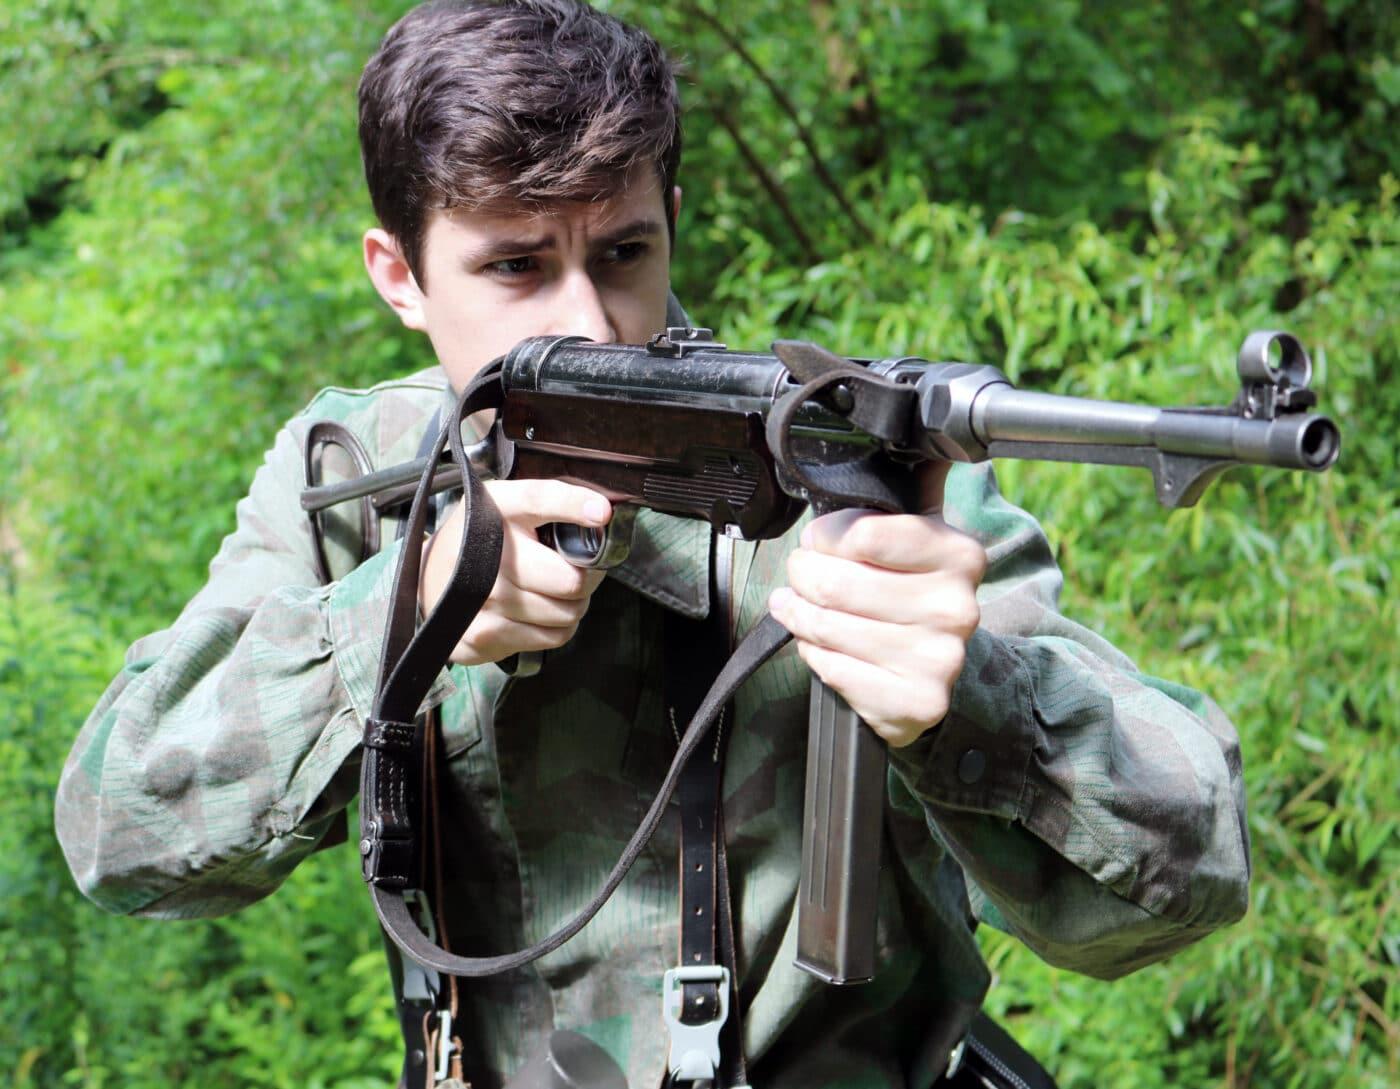 Man shooting an MP40 SMG on the range